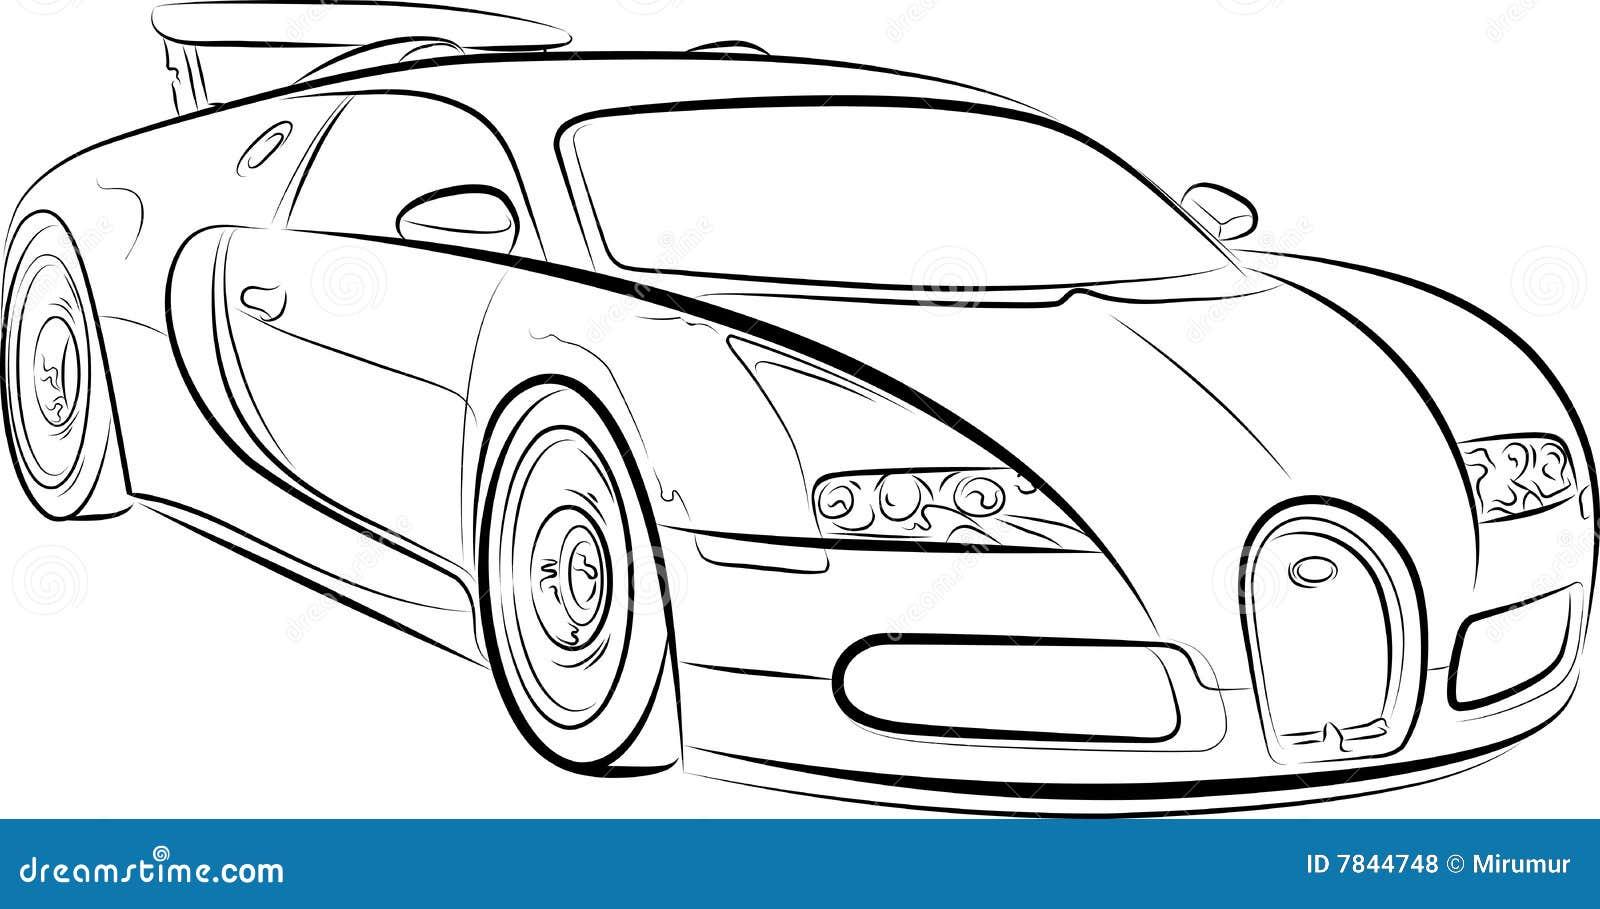 Kleurplaten Auto Mercedes.Kleurplaten Raceauto S